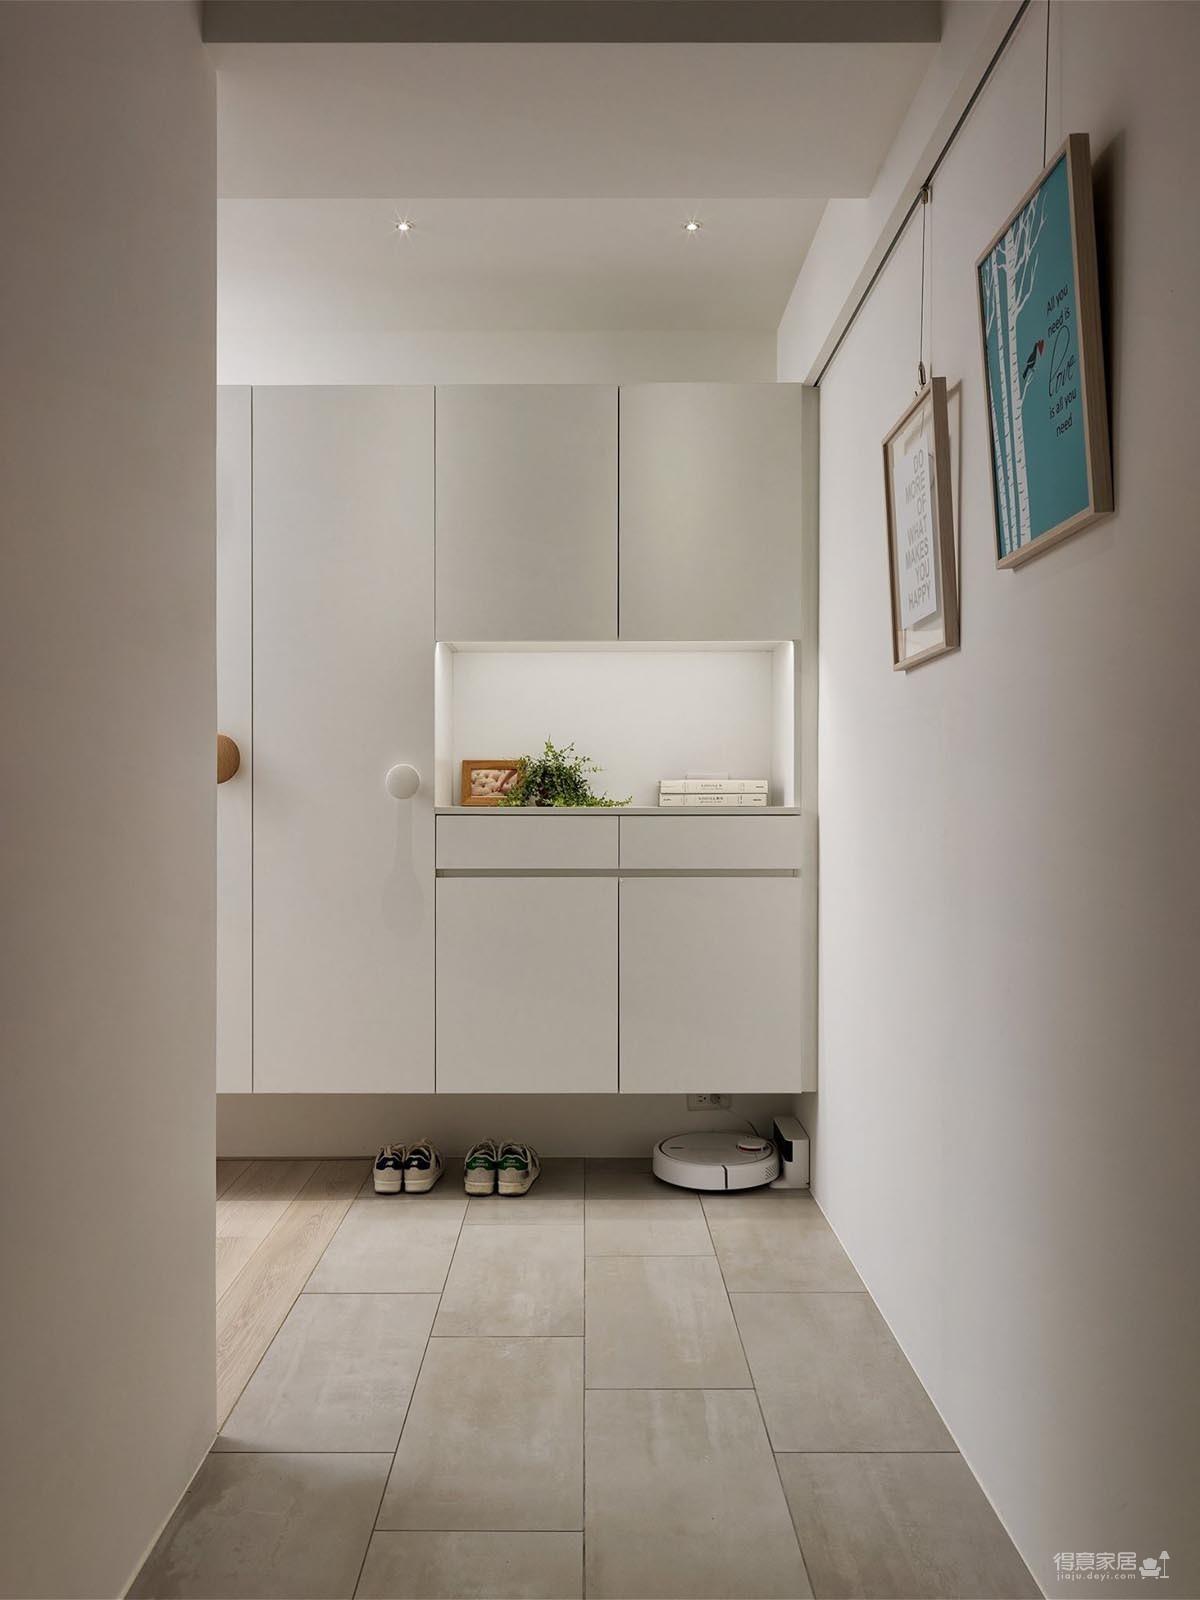 现代风格白色公寓图_13